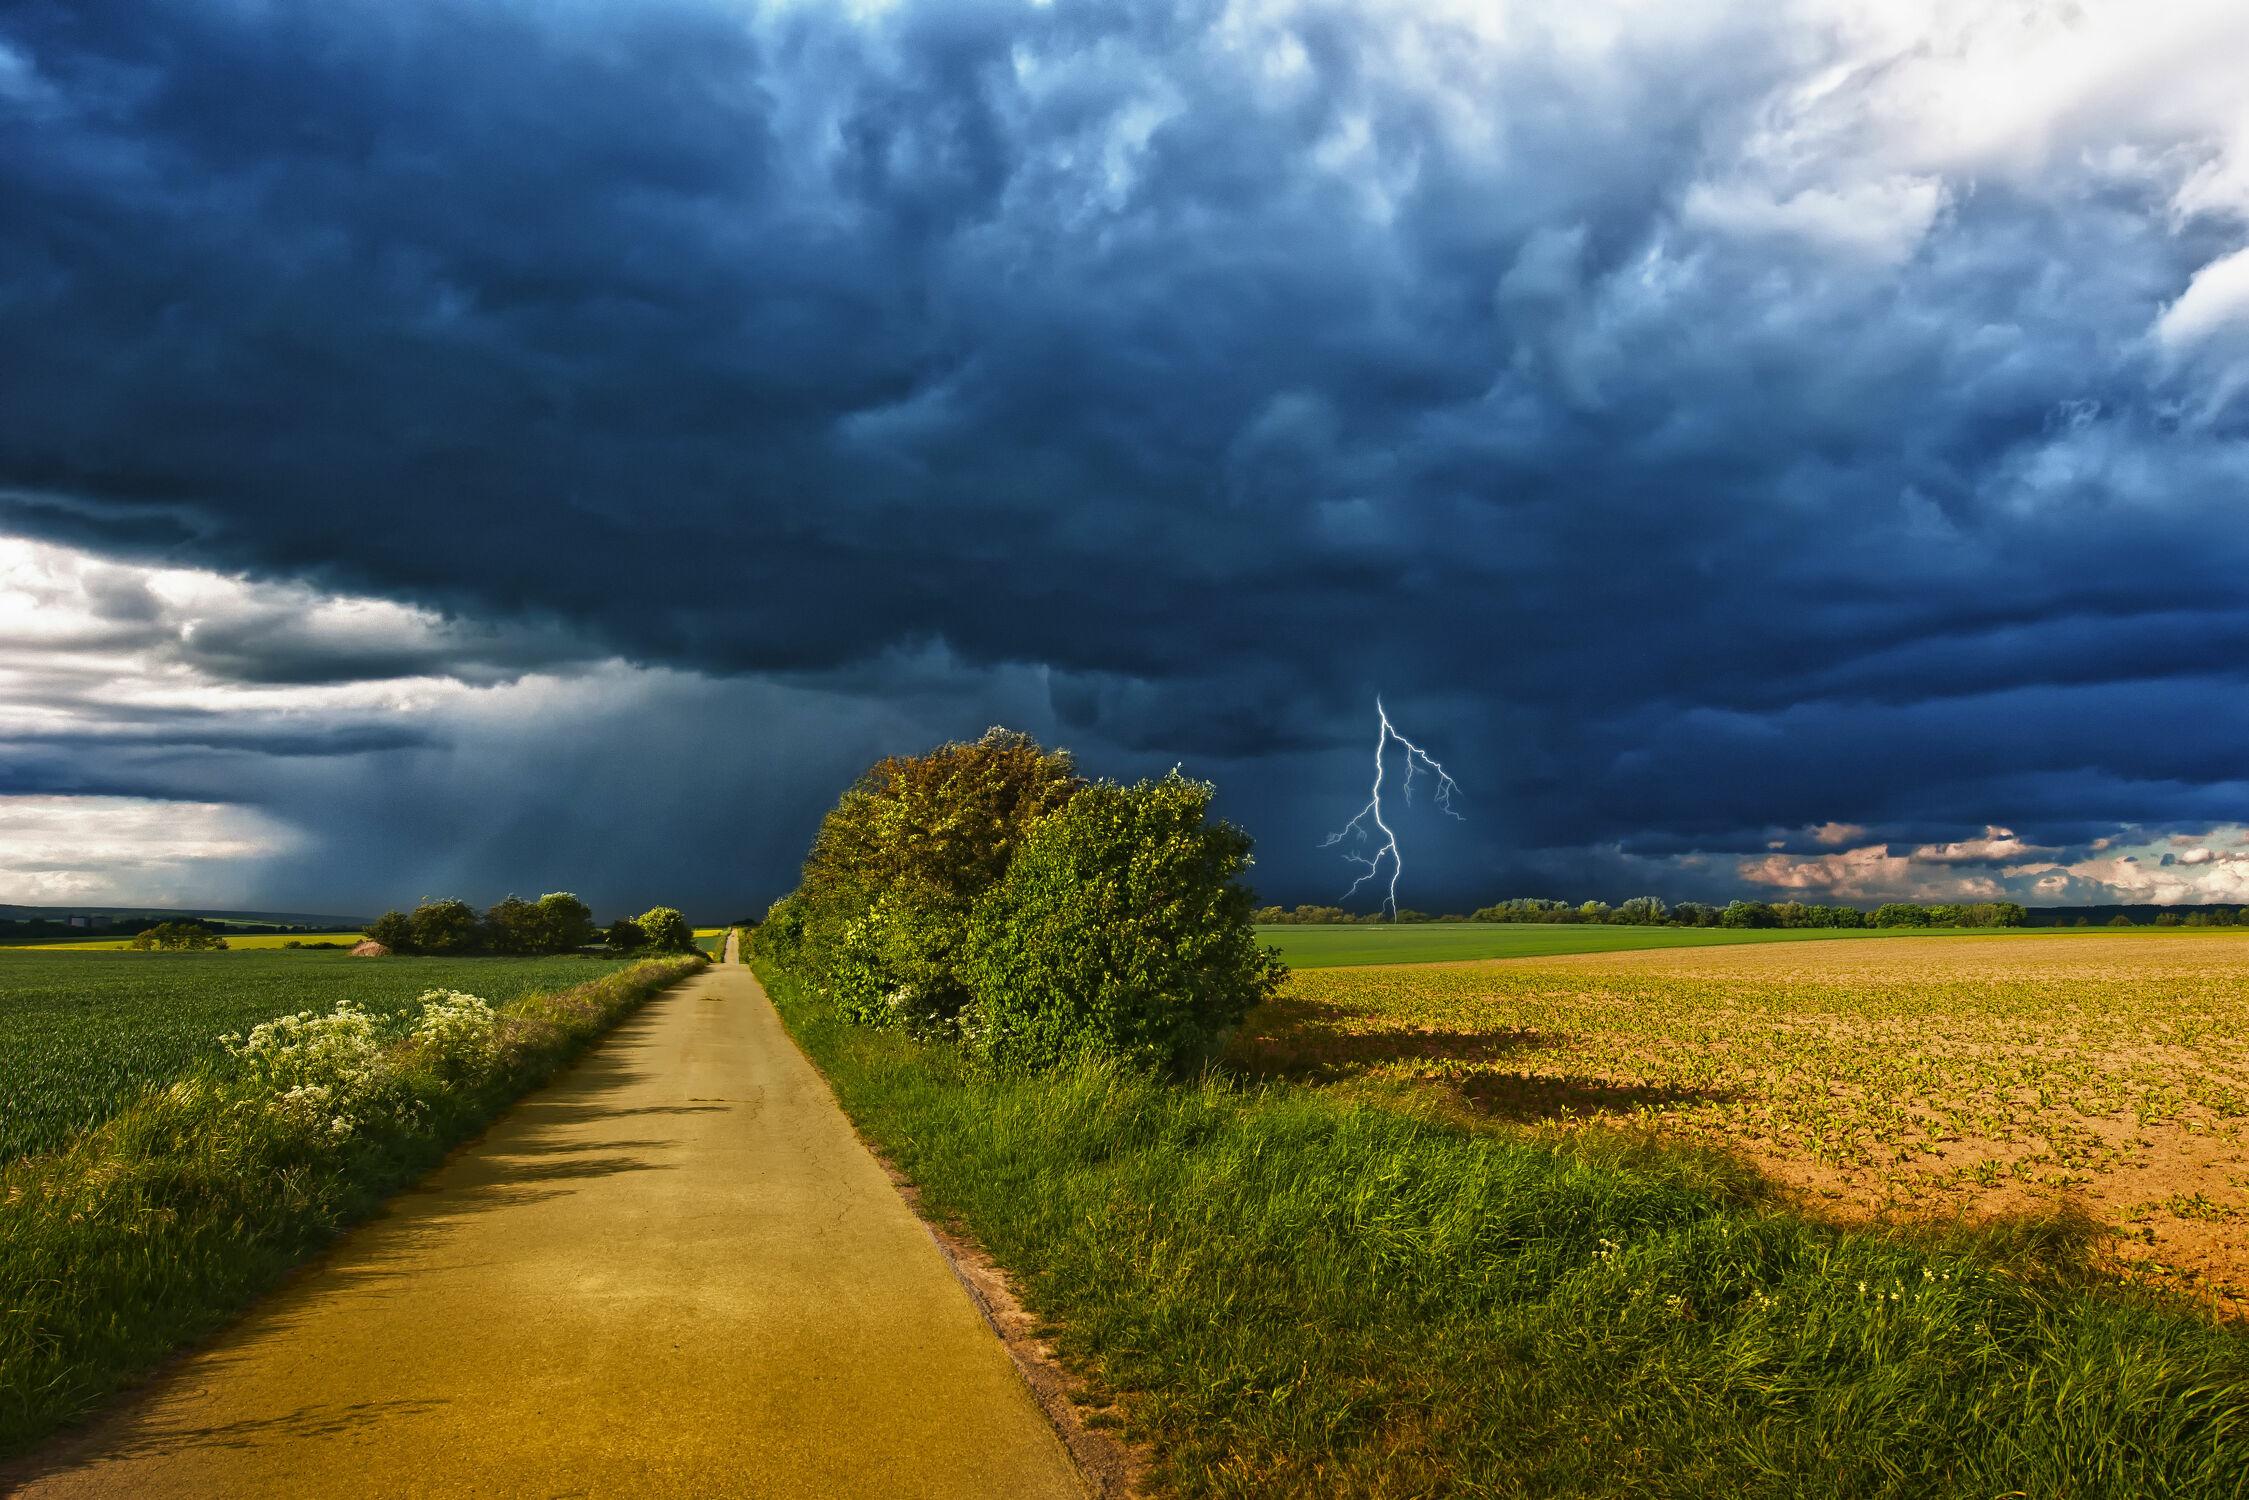 Bild mit Natur, Landschaften, Weiden und Wiesen, Sommer, Landschaft, Wiese, Feld, Felder, Gewitter, Wiesen, Weide, Weiden